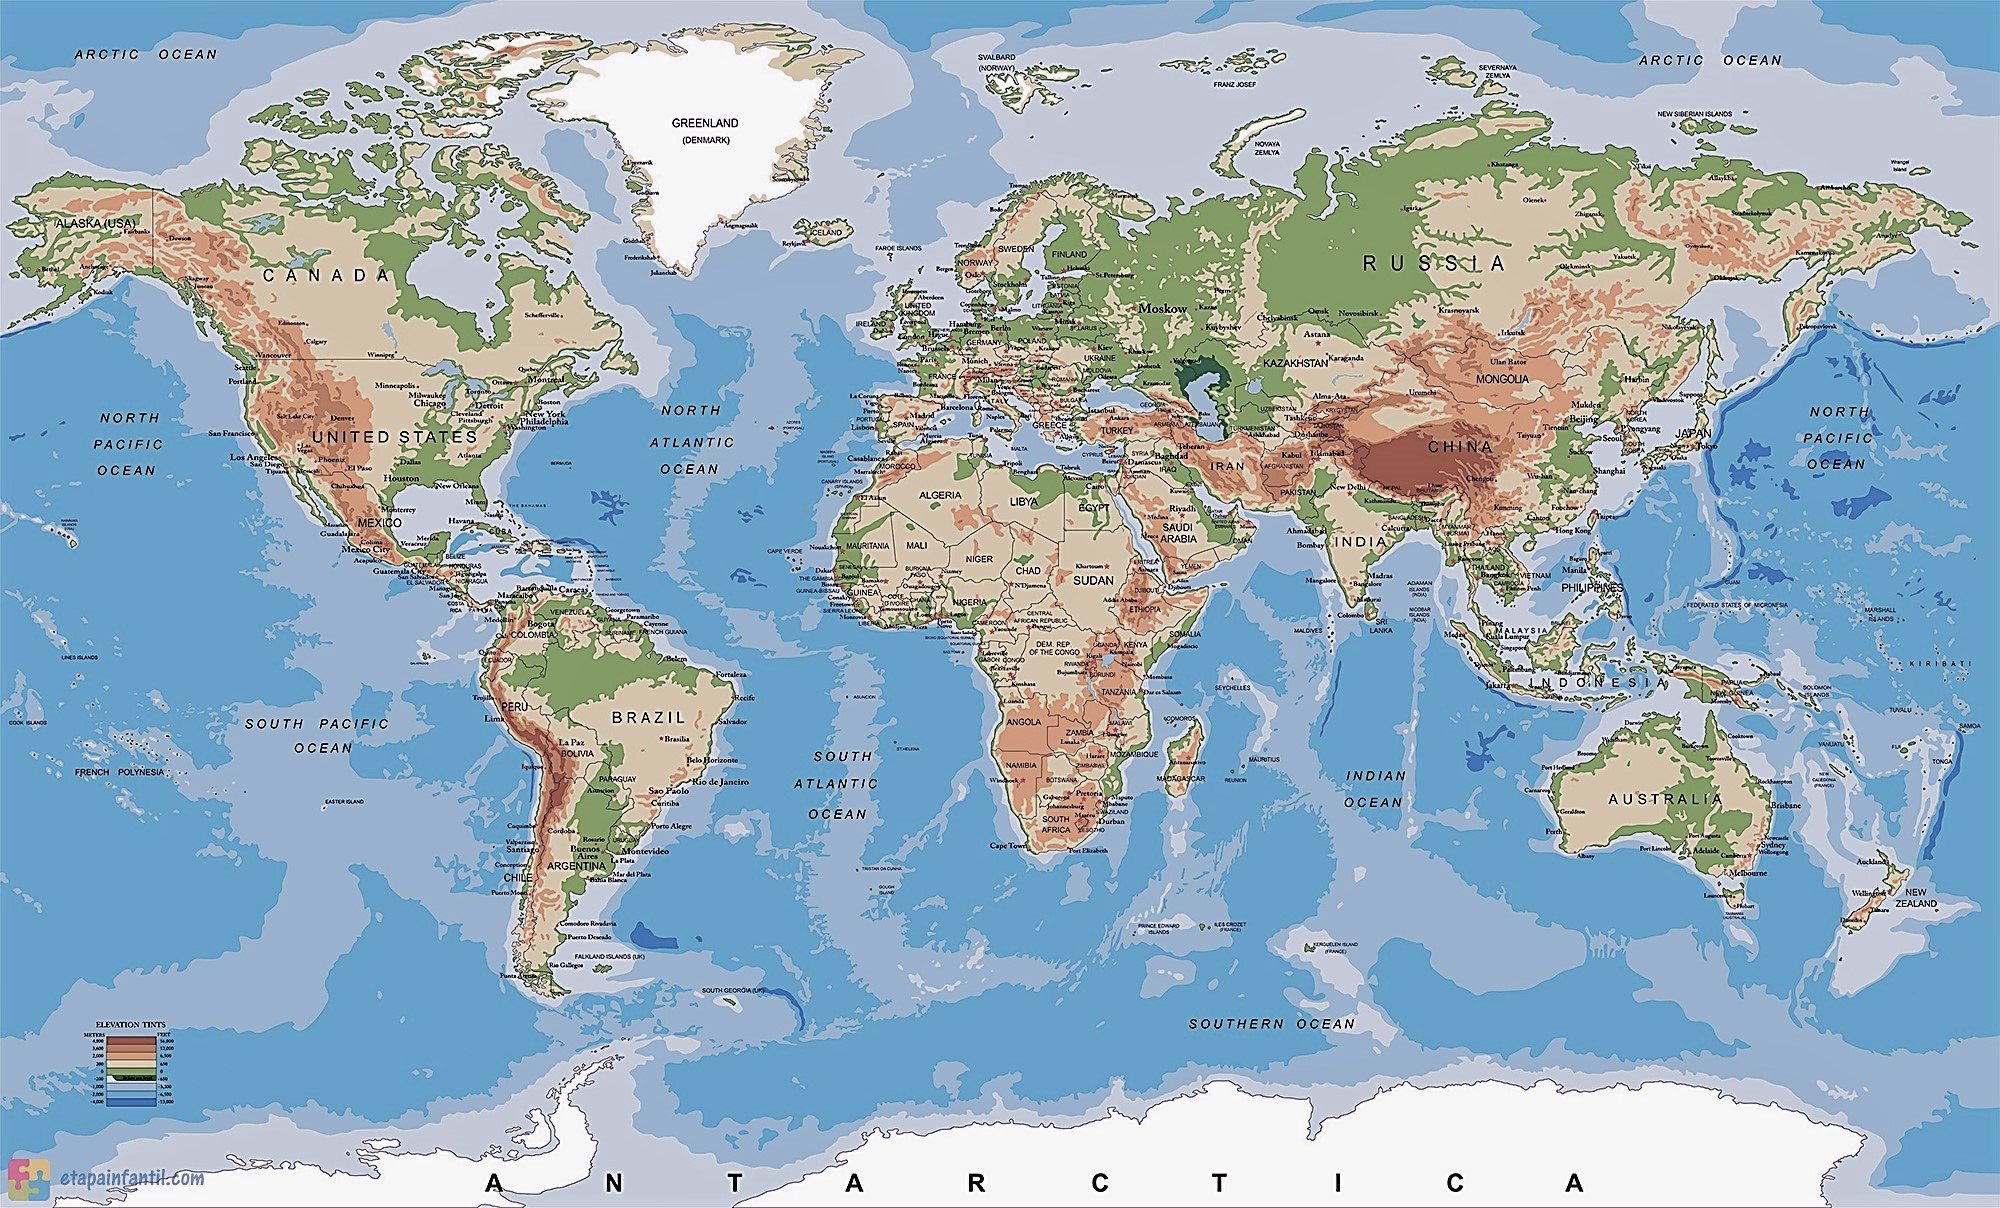 Mapa Fisico Del Mundo Sin Nombres Para Imprimir.25 Elegante Mapamundi Con Nombres En Grande